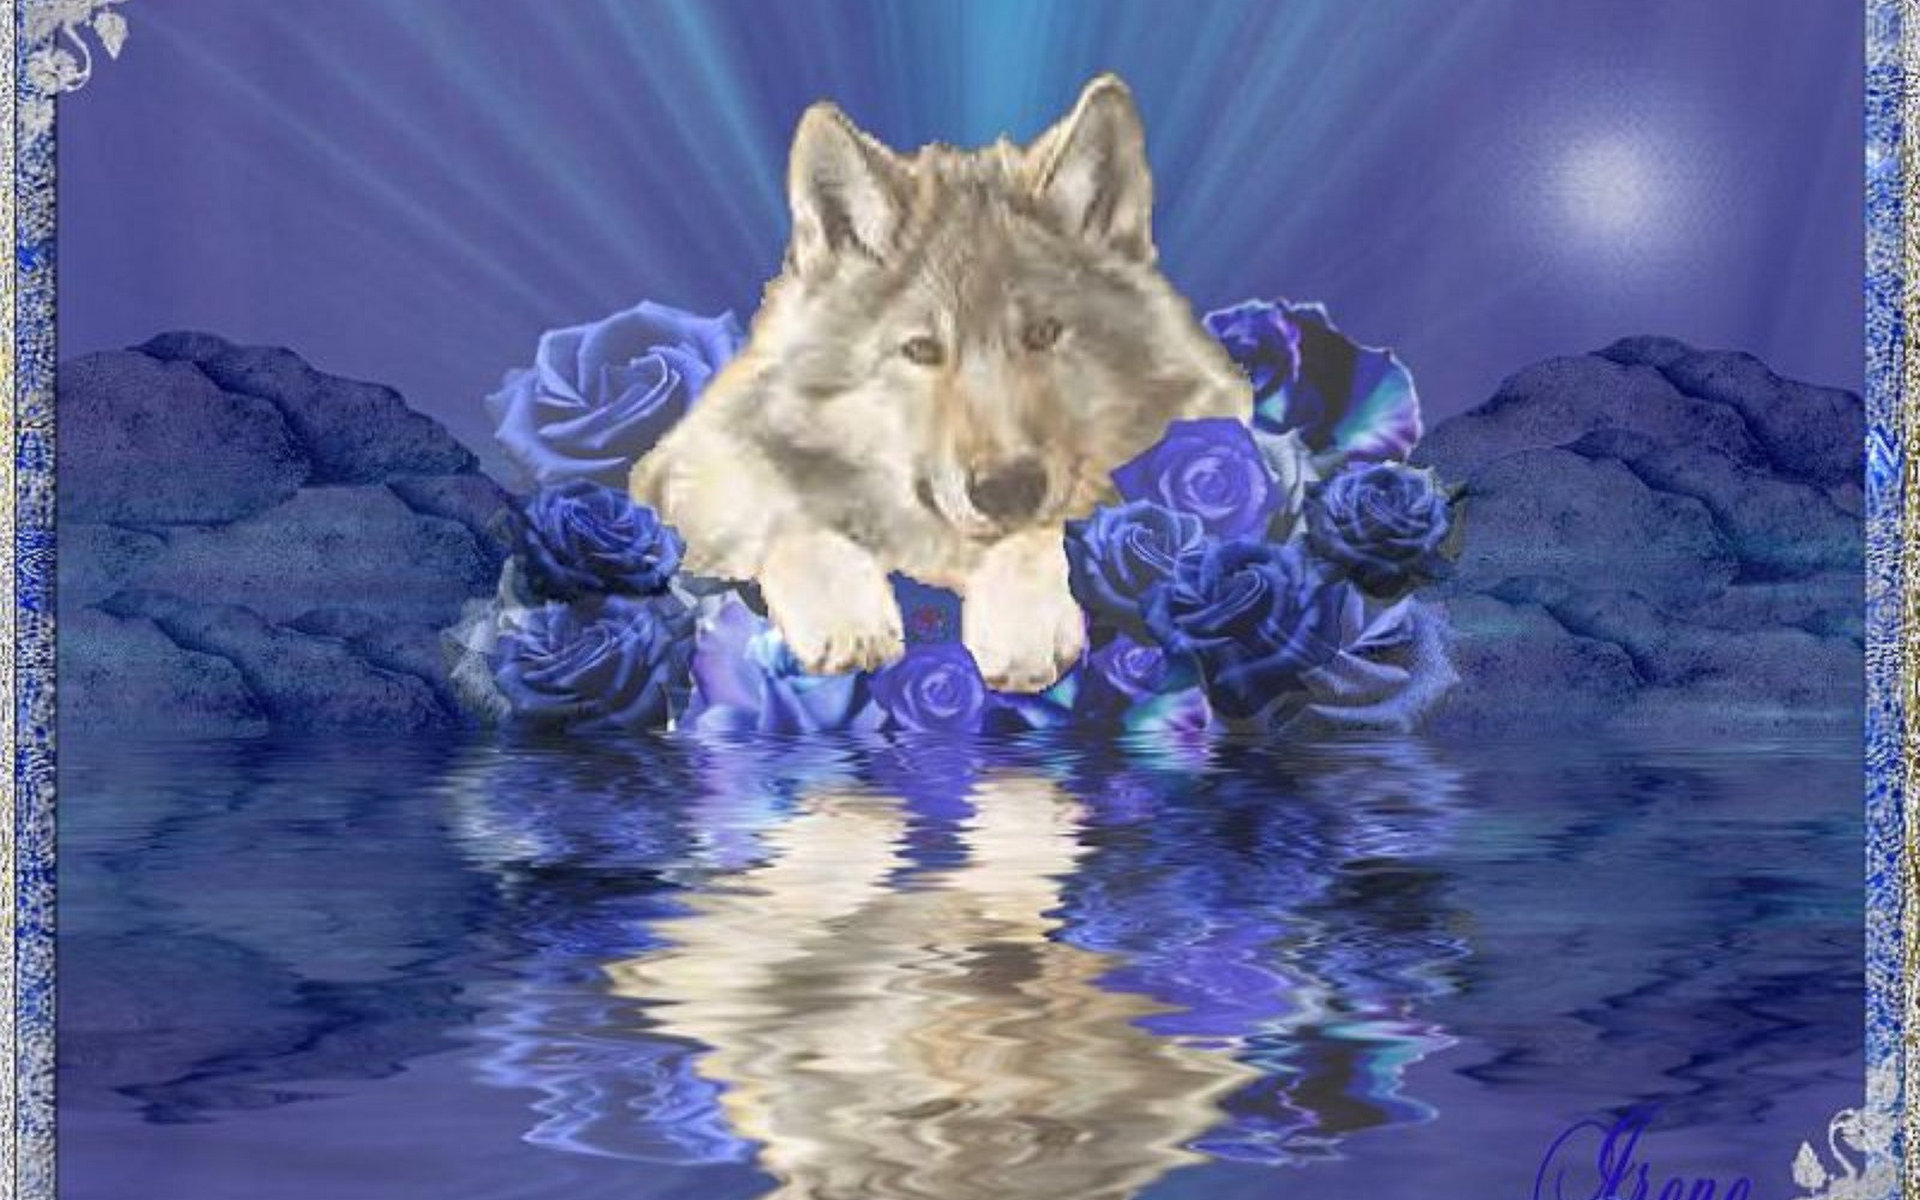 Гифка с днем рождения для мужчины с волками, поздравления днем